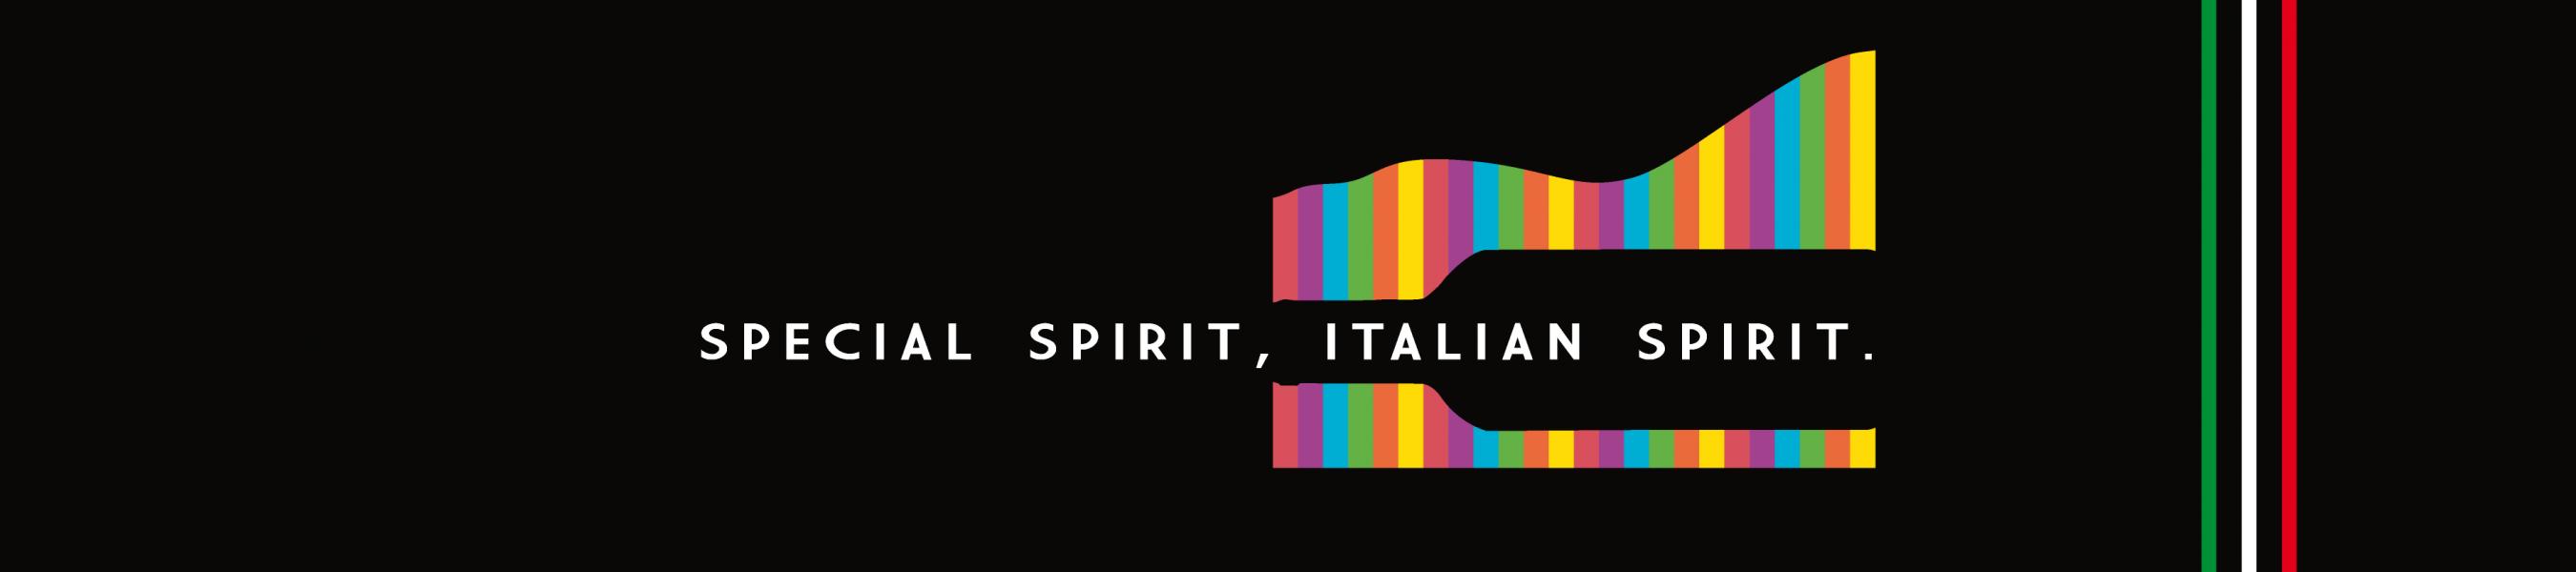 Italian-05